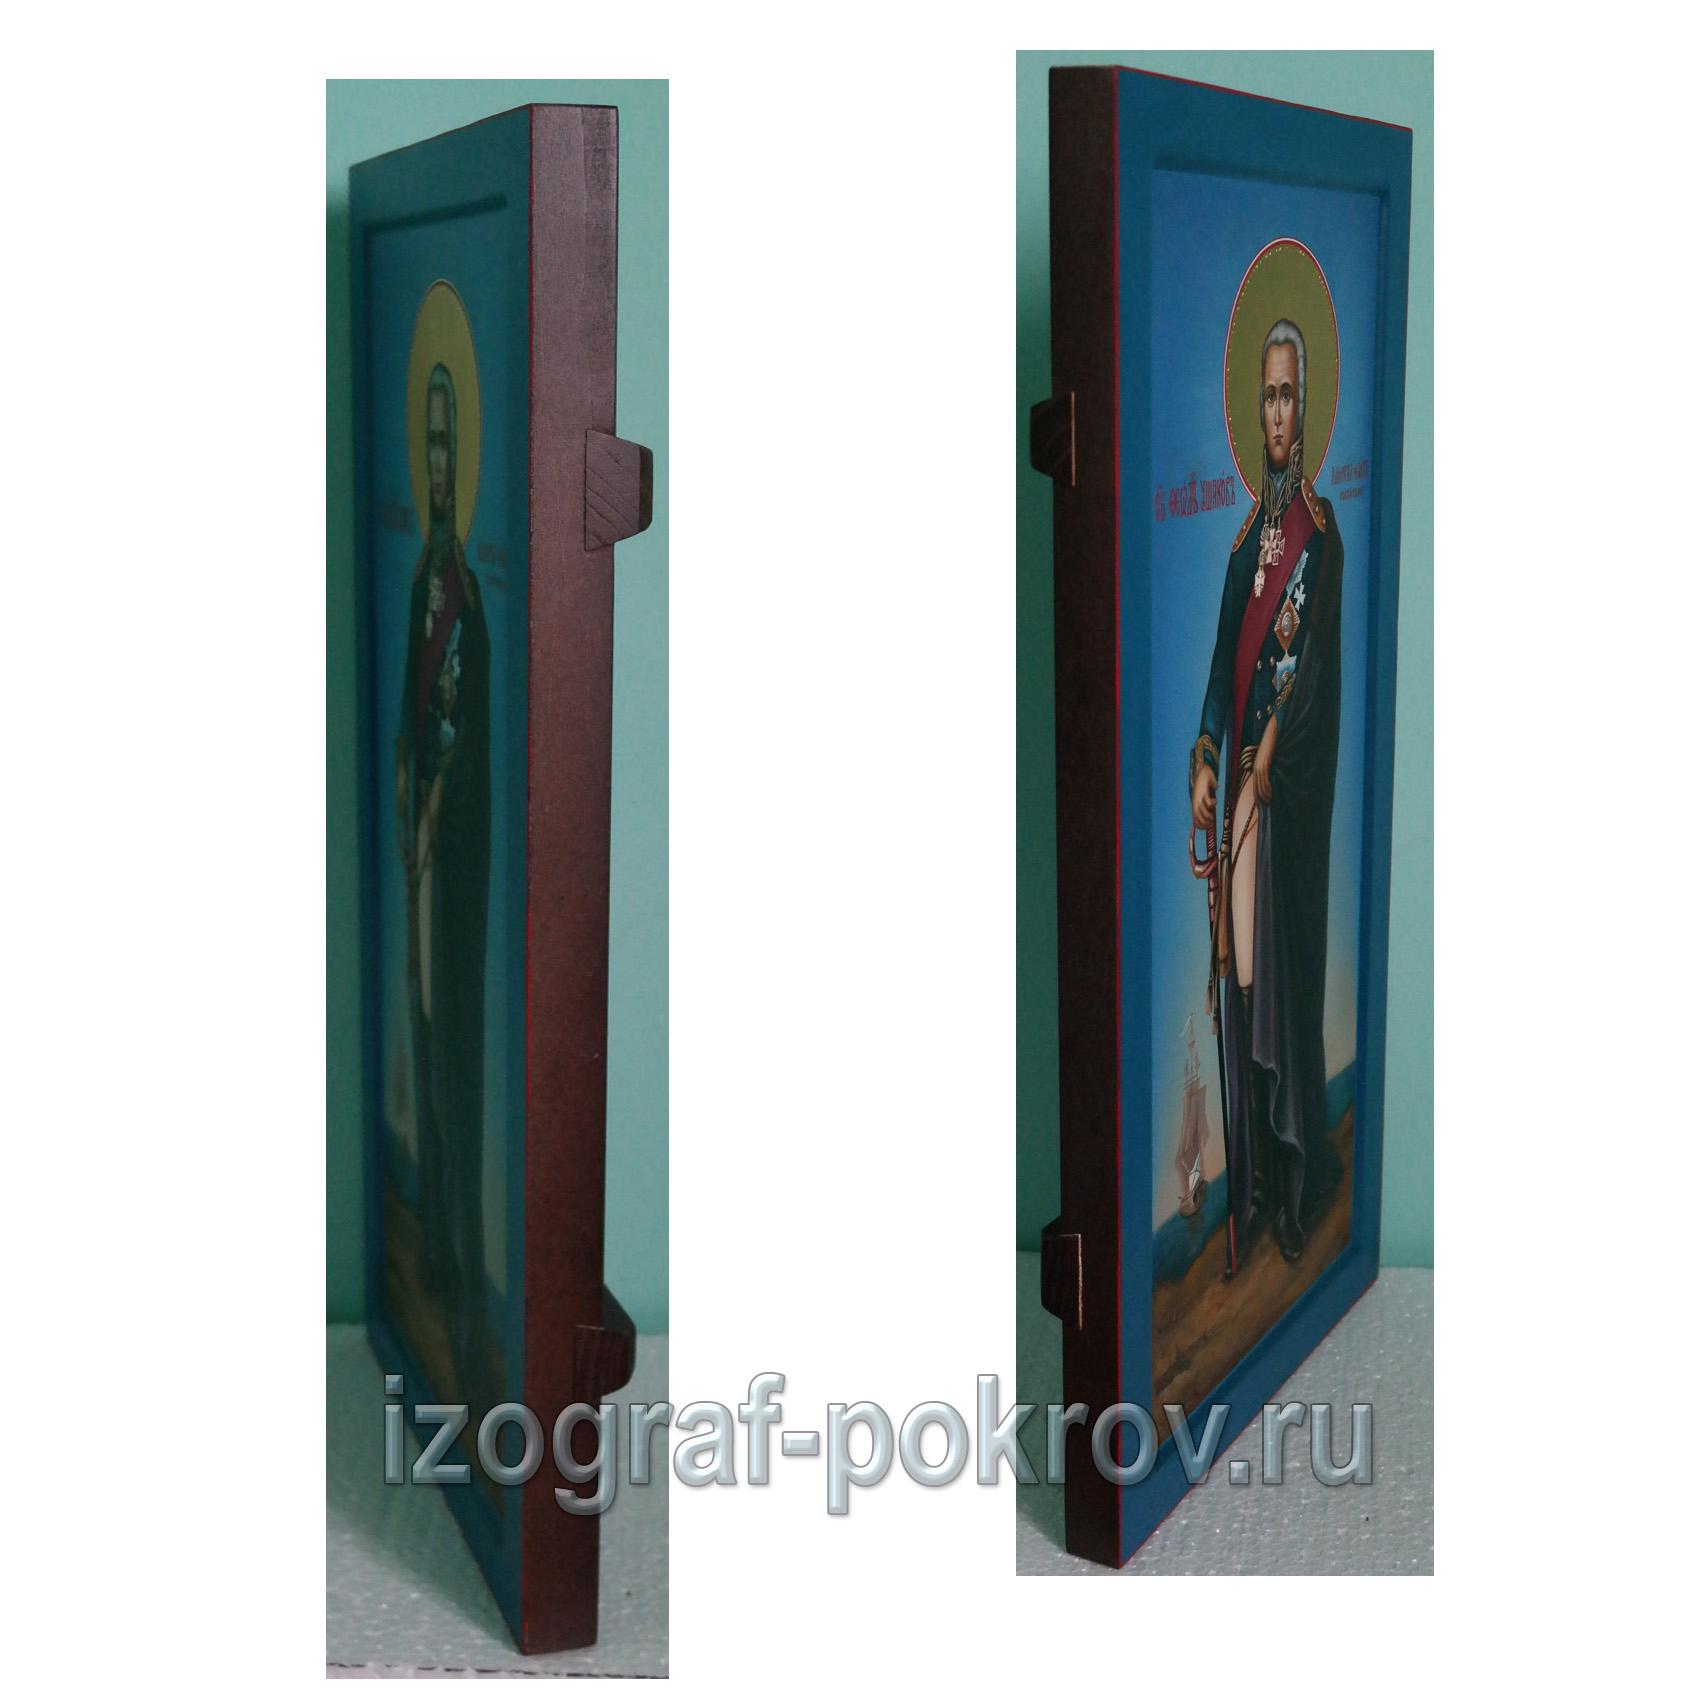 Мерная икона Феодор Ушаков вид сбоку